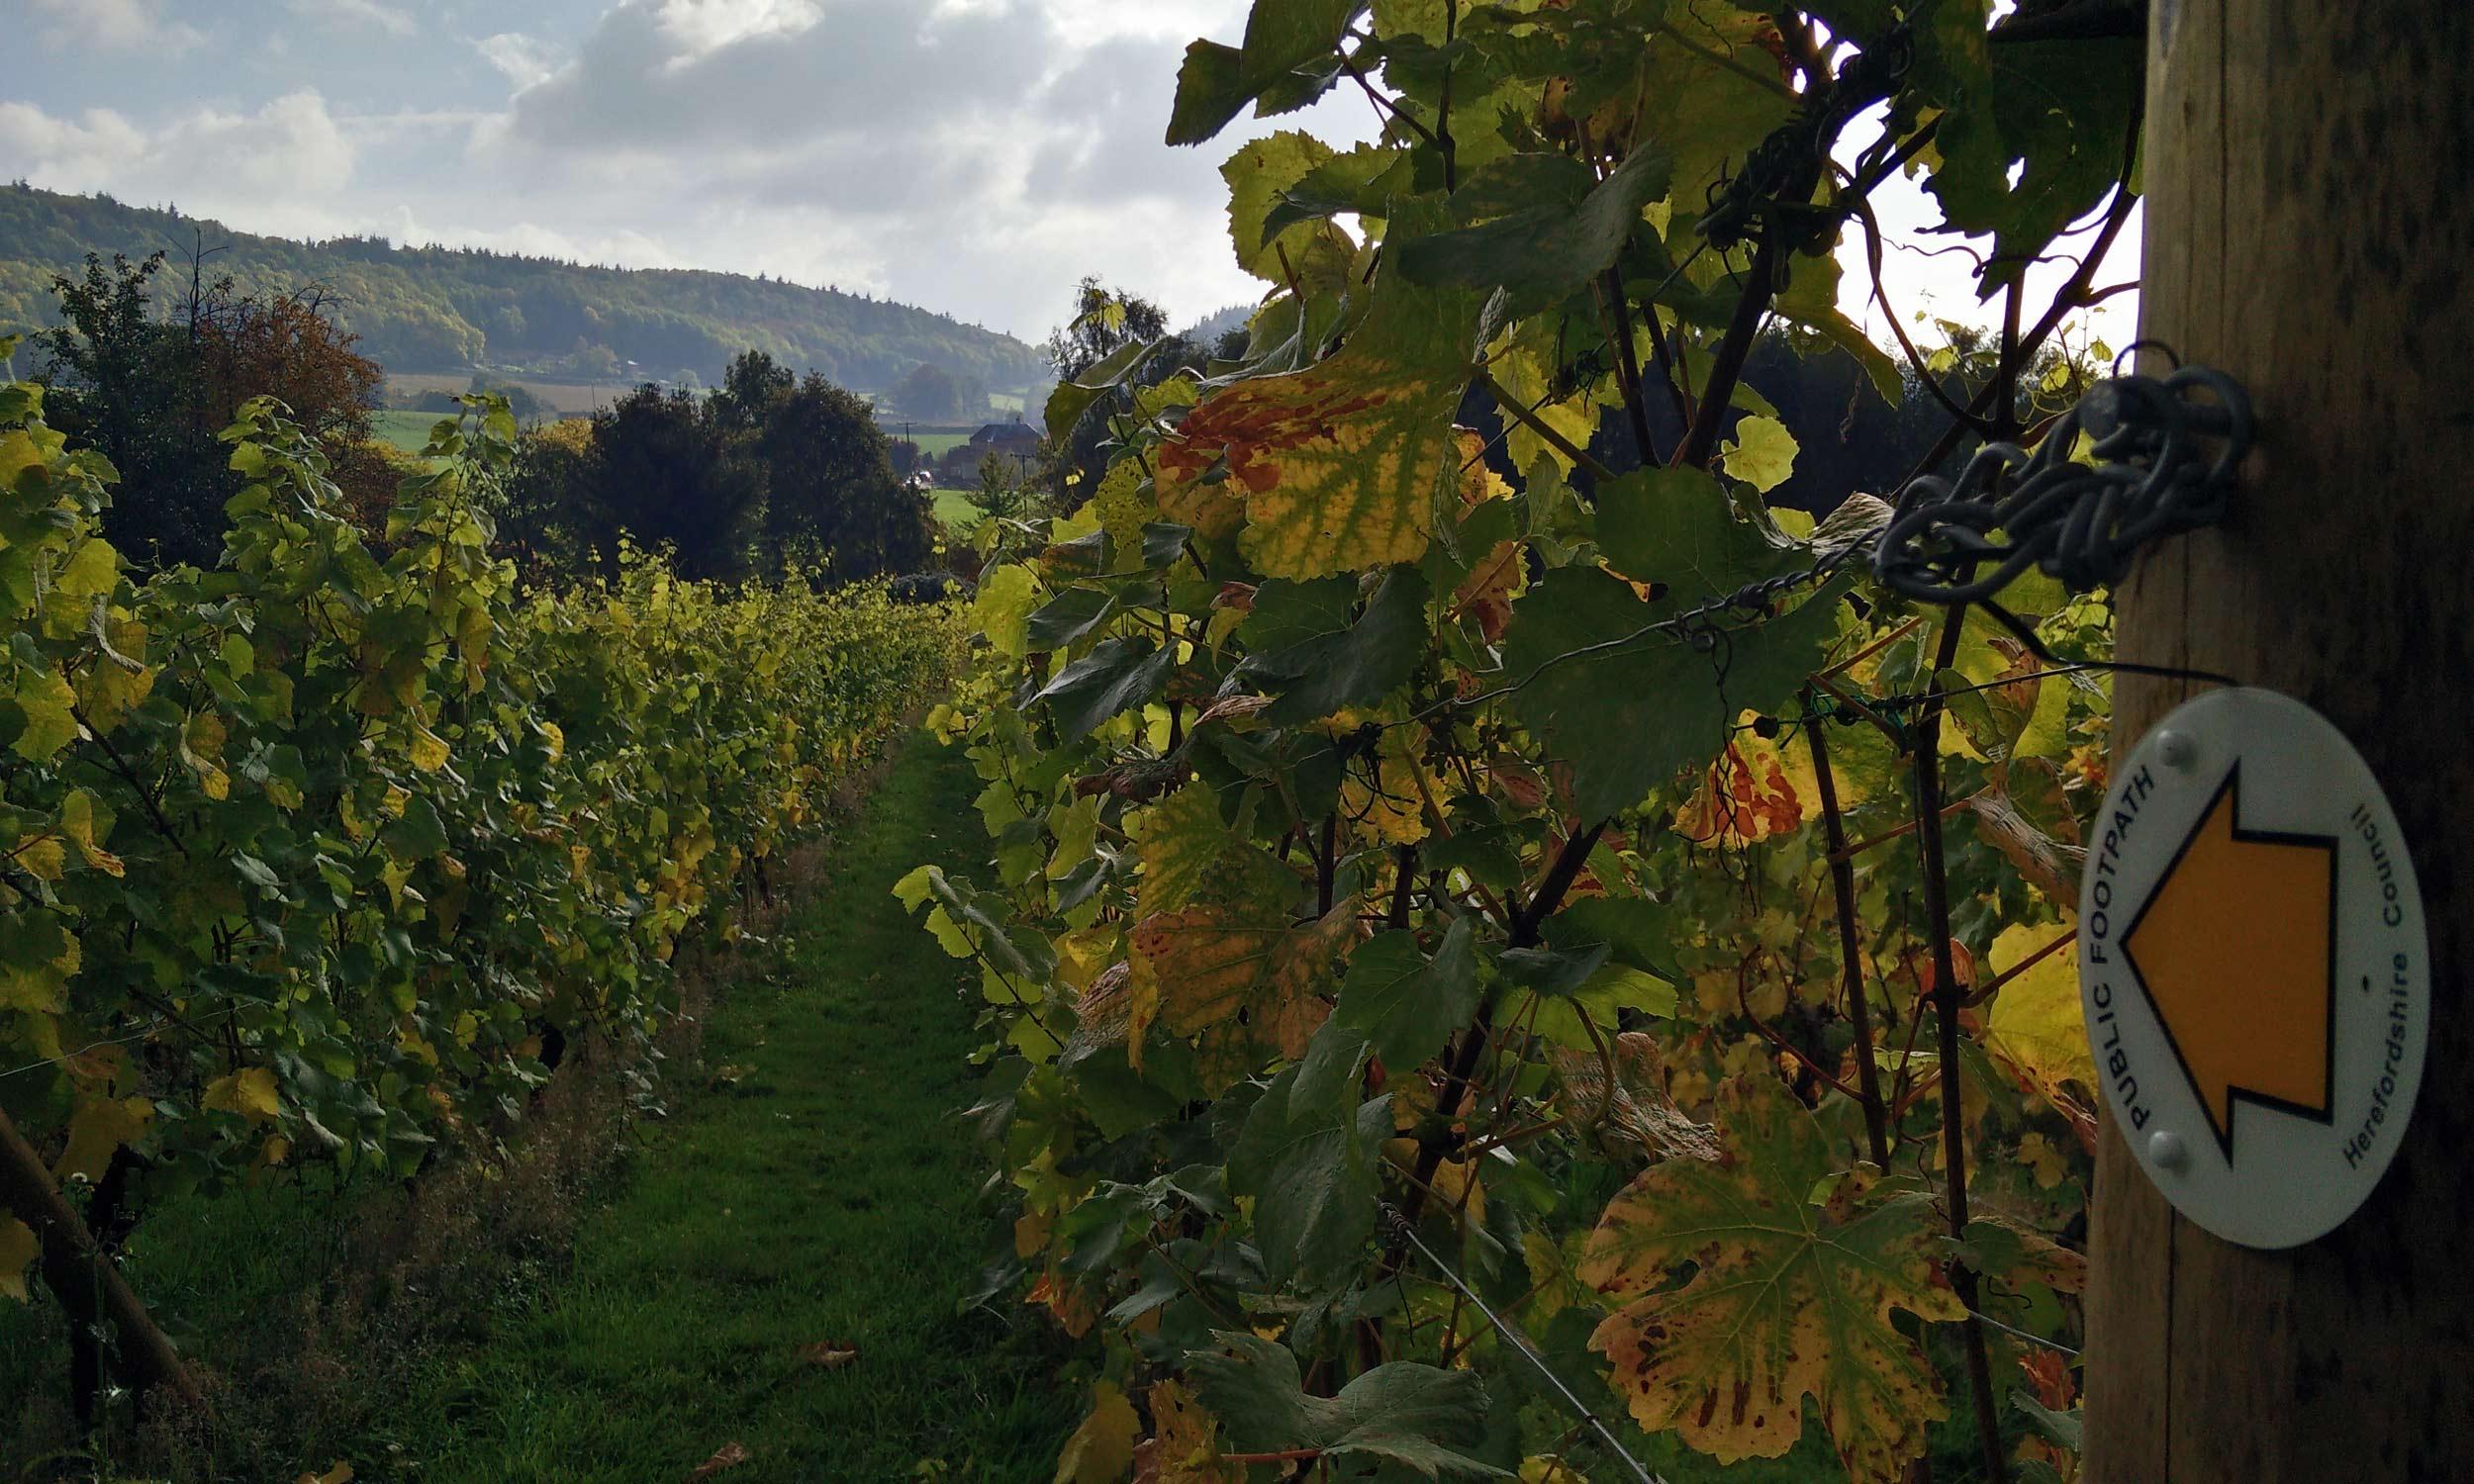 Vines in Hereford UK